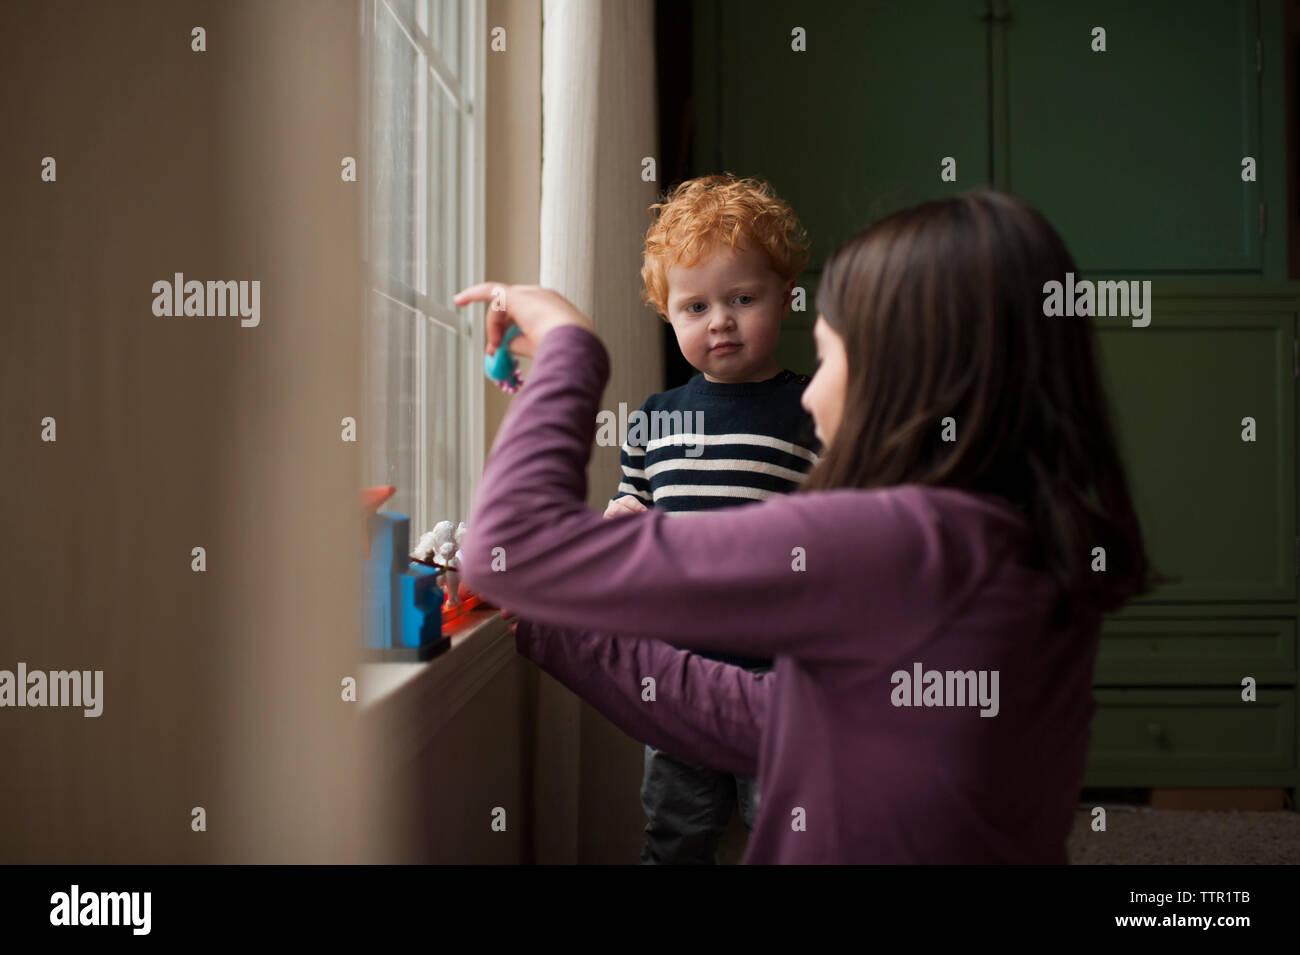 Kleinen Bruder aufpassen grosse Schwester spielen mit Spielzeug zu Hause Stockfoto